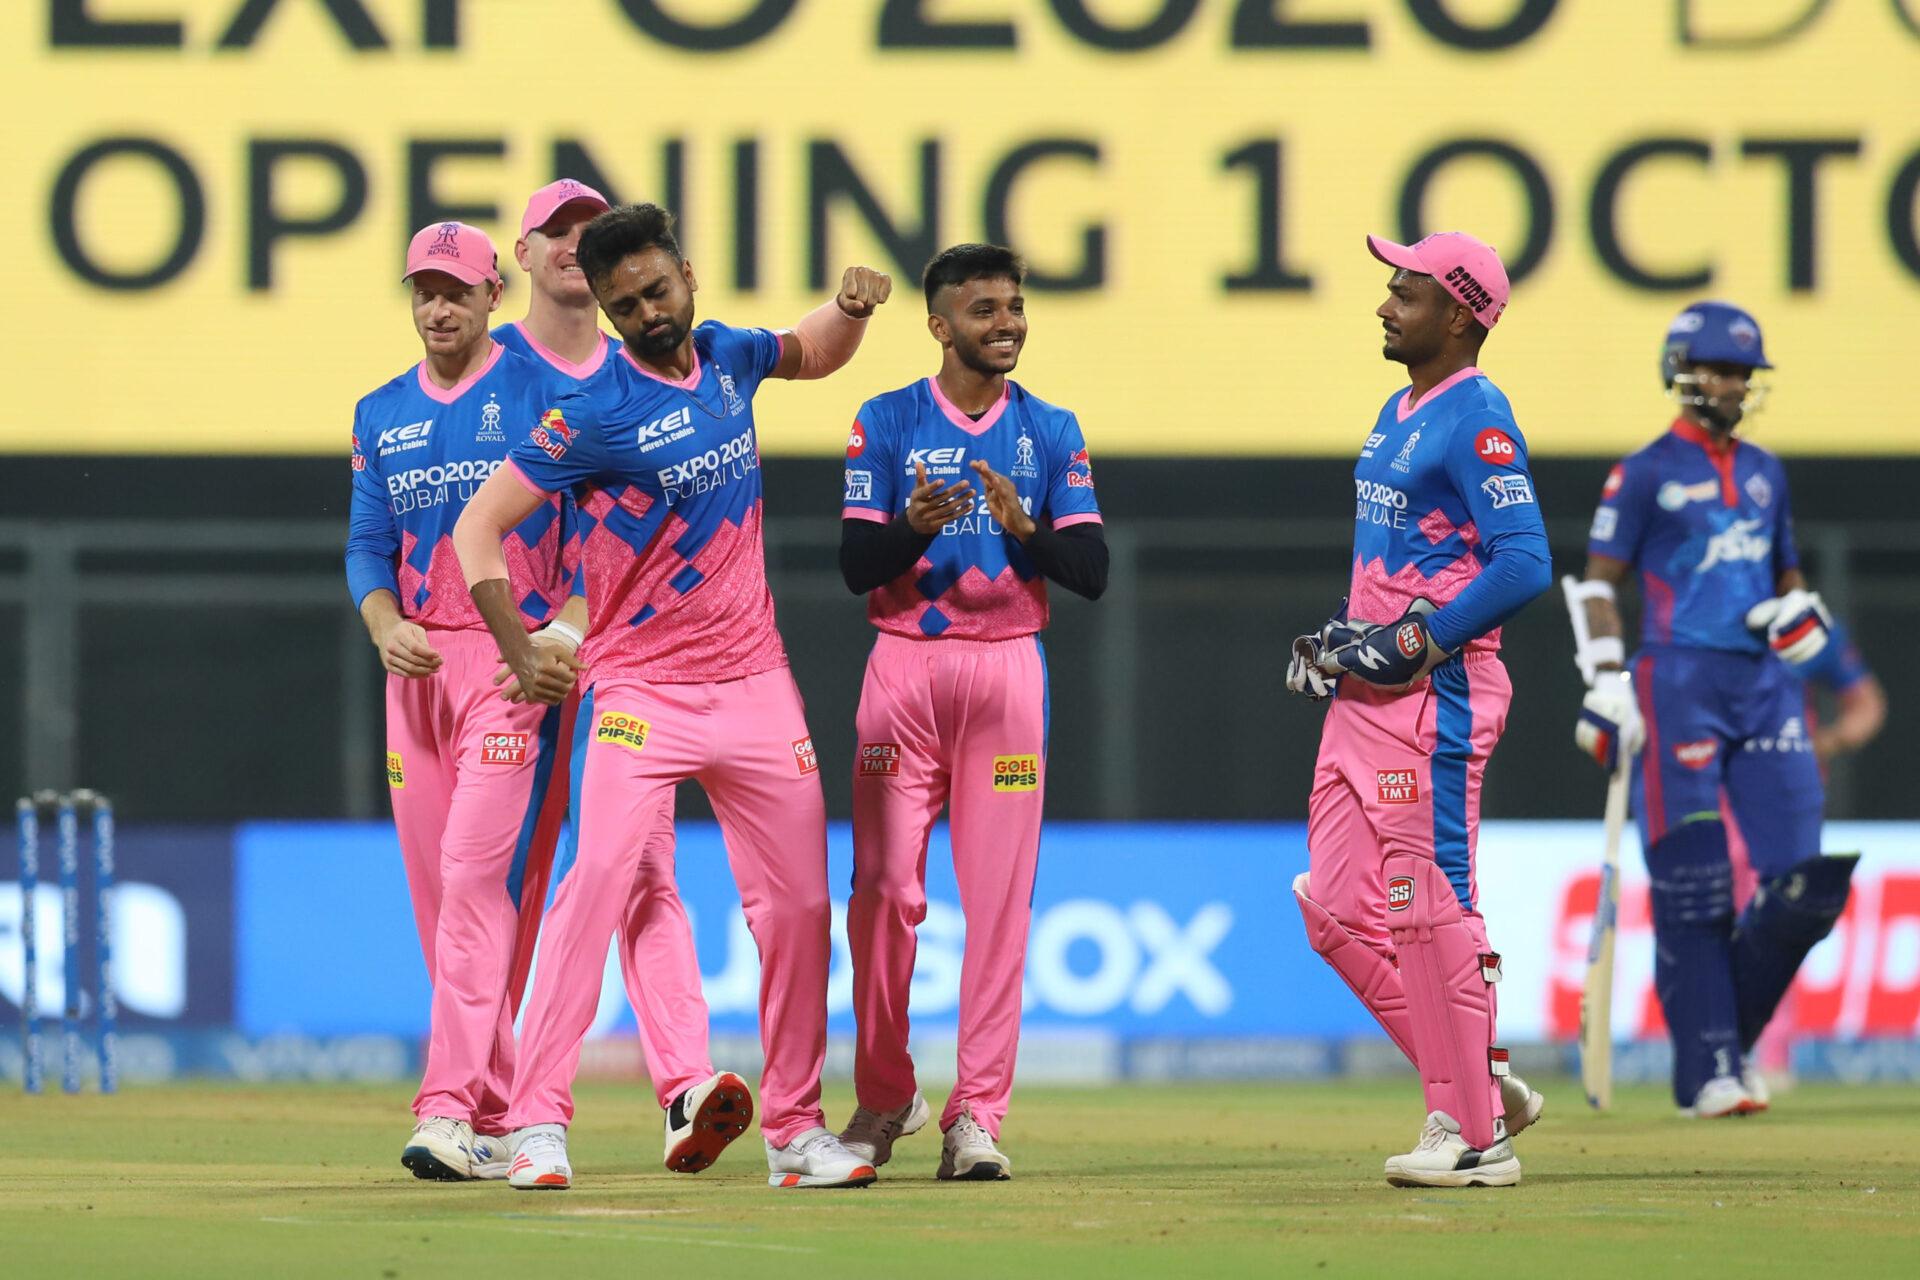 IPL 2021 : क्रिस मॉरिस की ताबड़तोड़ पारी से राजस्थान ने दिल्ली को 3 विकेट से हराया, आखिरी ओवर में छक्का जड़ दिलाई विजय-Hindi News